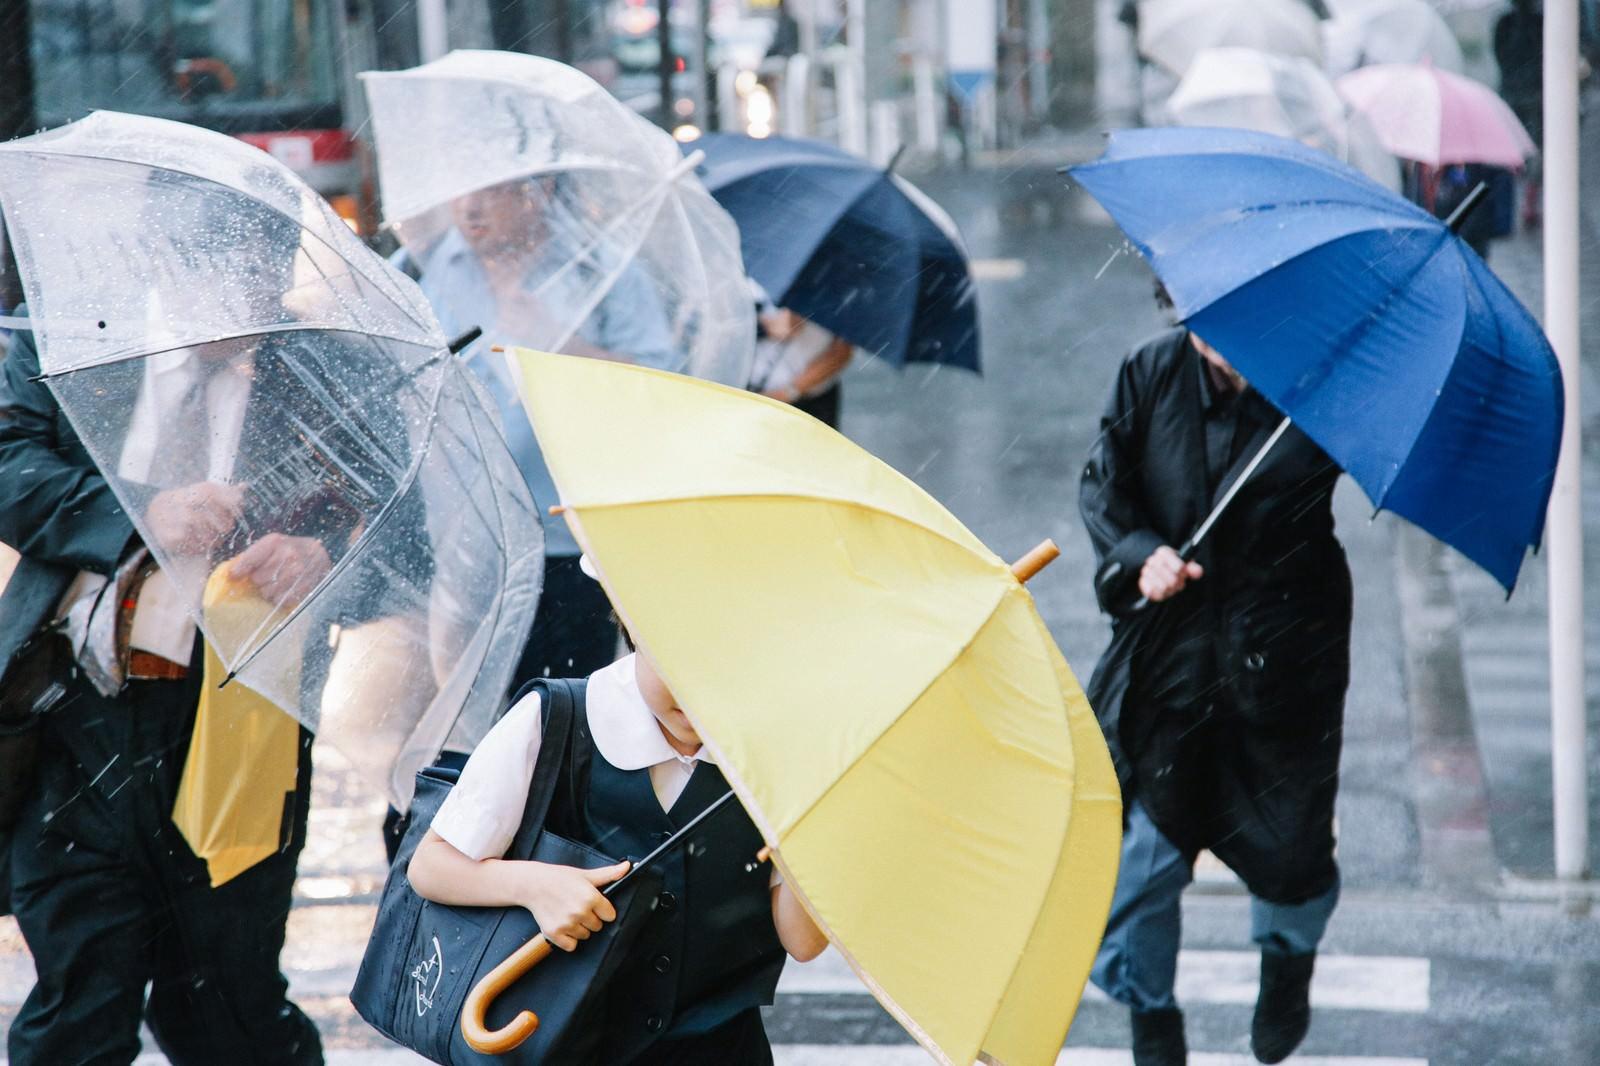 「傘を斜めにするくらい横なぐりの雨傘を斜めにするくらい横なぐりの雨」のフリー写真素材を拡大